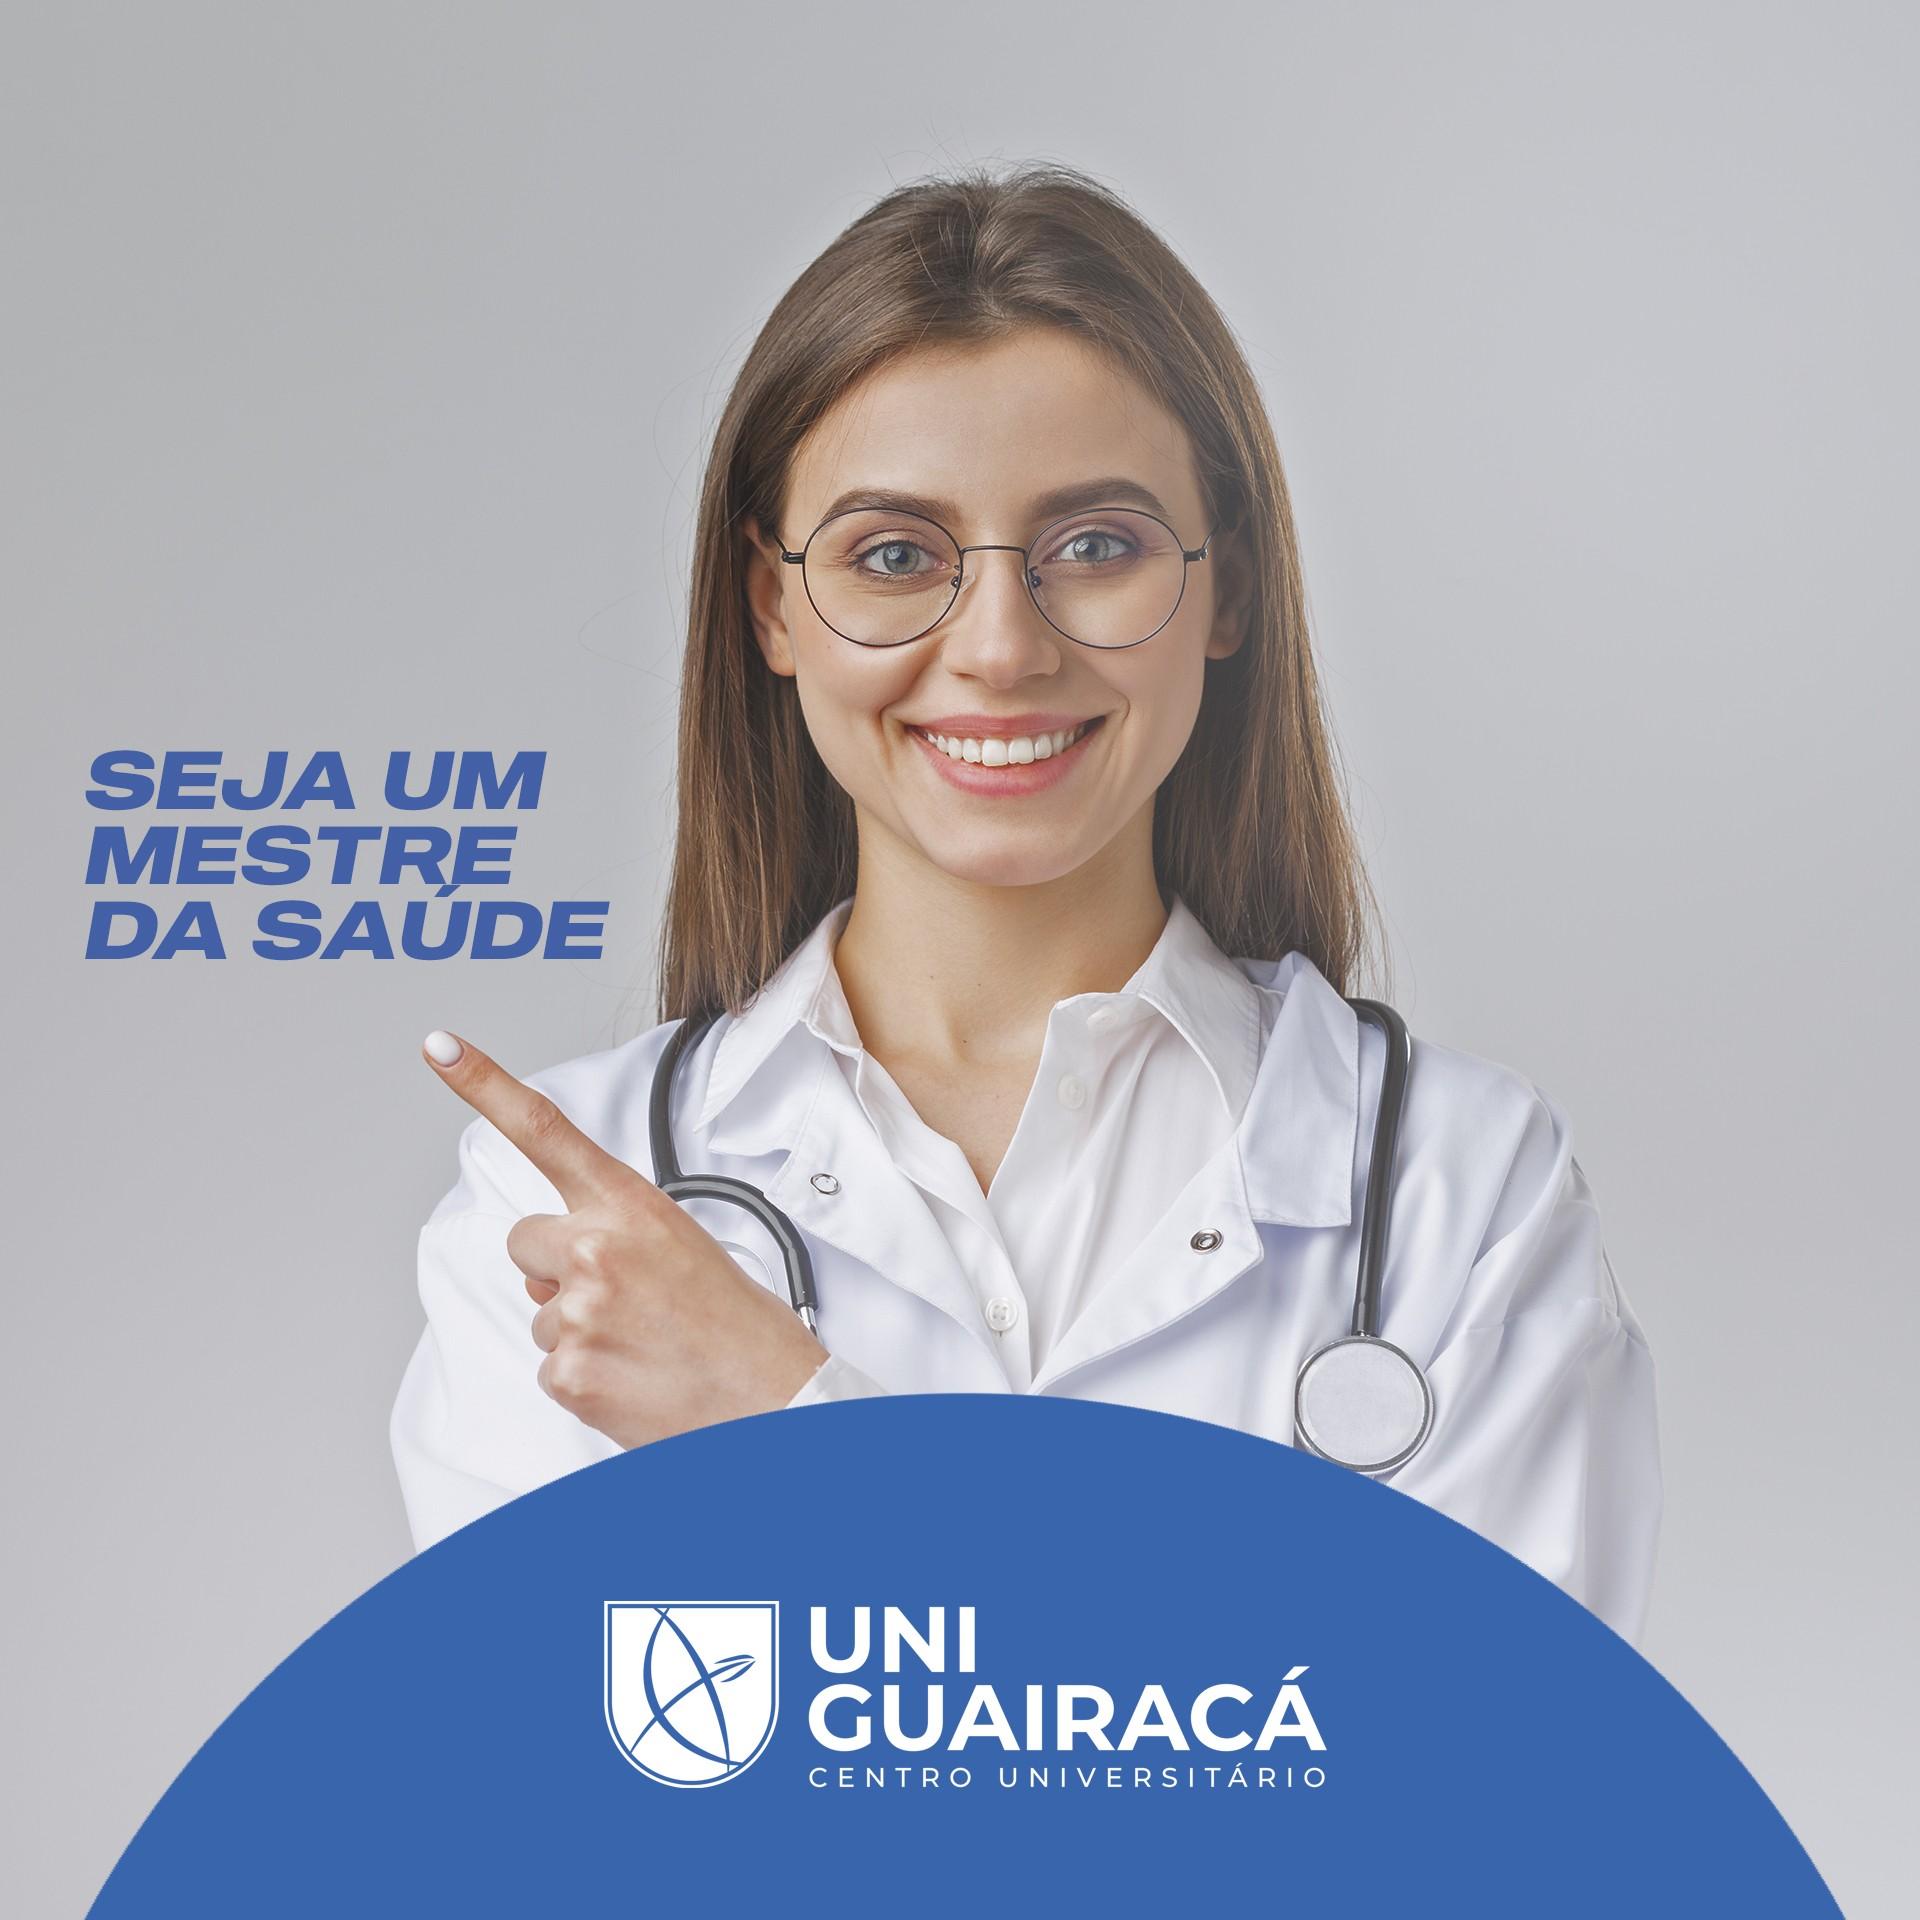 UniGuairacá oferece Mestrado Profissional em Promoção da Saúde